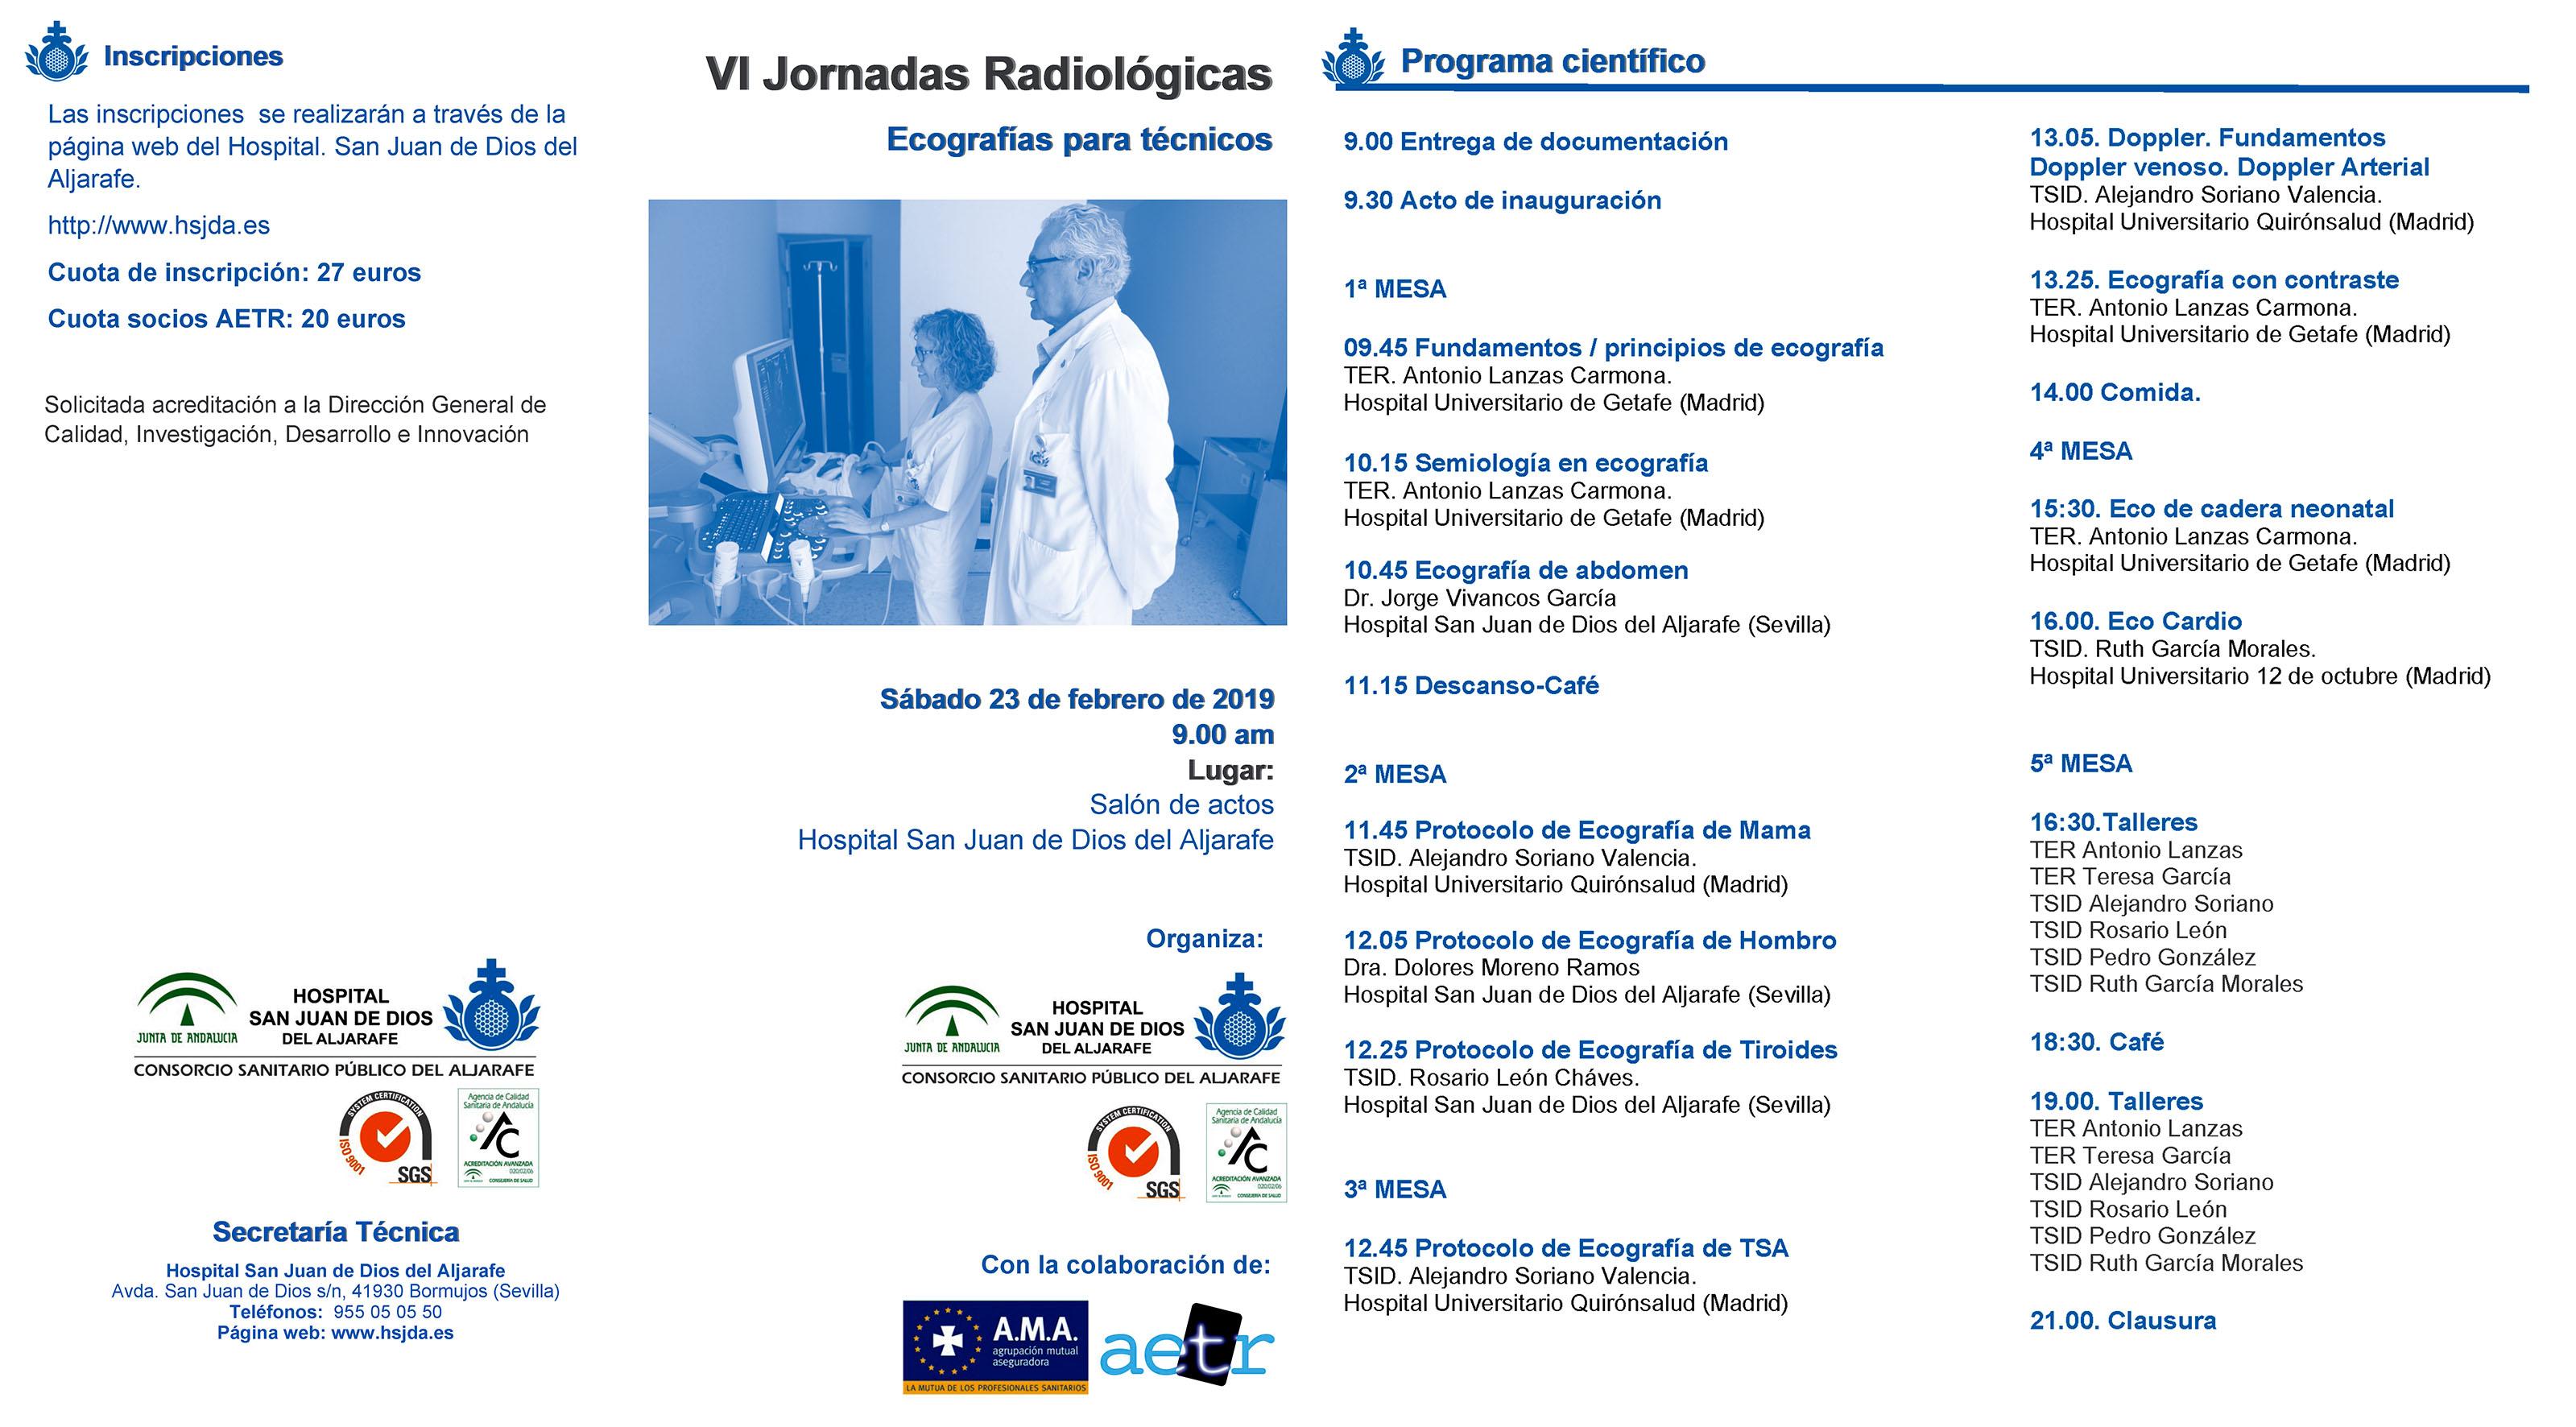 VI Jornadas Radiológicas del Hospital San Juan de Dios del Aljarafe, 2019 (Sevilla). Ecografía para Técnicos.